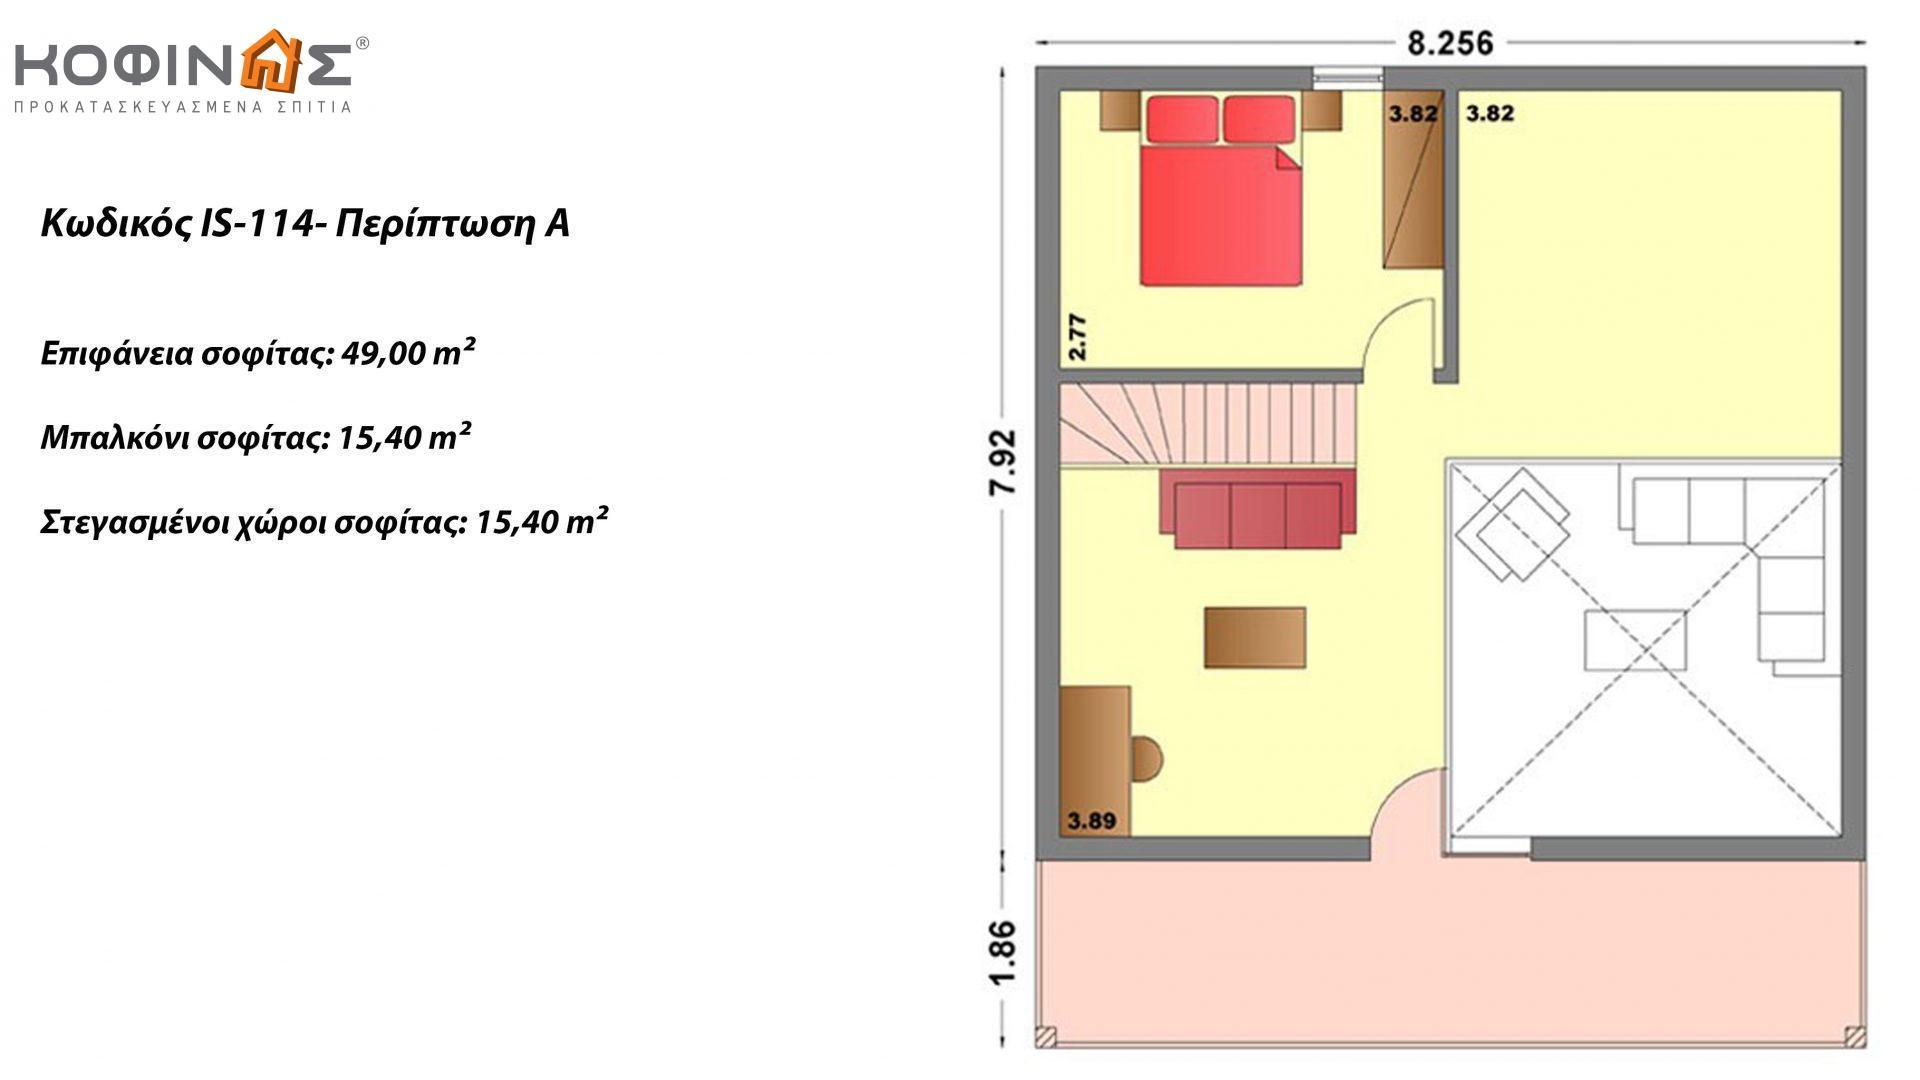 Ισόγεια Κατοικία με Σοφίτα IS-114, συνολικής επιφάνειας 114,40 τ.μ. ,συνολική επιφάνεια στεγασμένων χώρων 30,80 τ.μ., μπαλκόνι 15,40τ.μ.